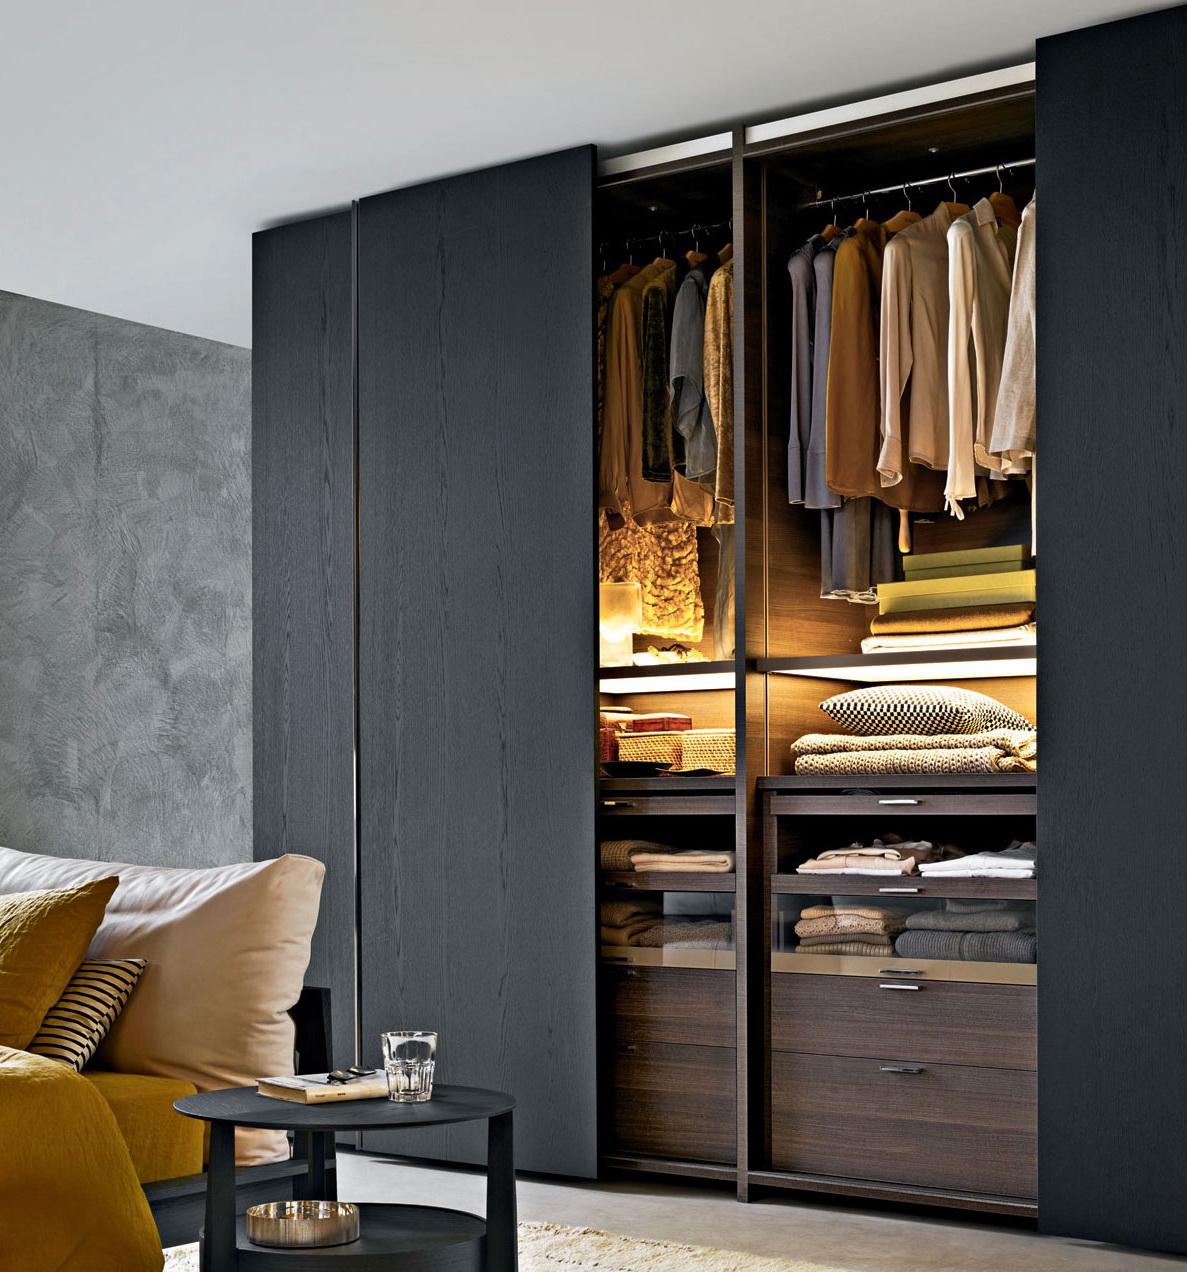 L'éclairage dans l'armoire est une chose irremplaçable, cela accélérera la recherche des choses dont vous avez besoin